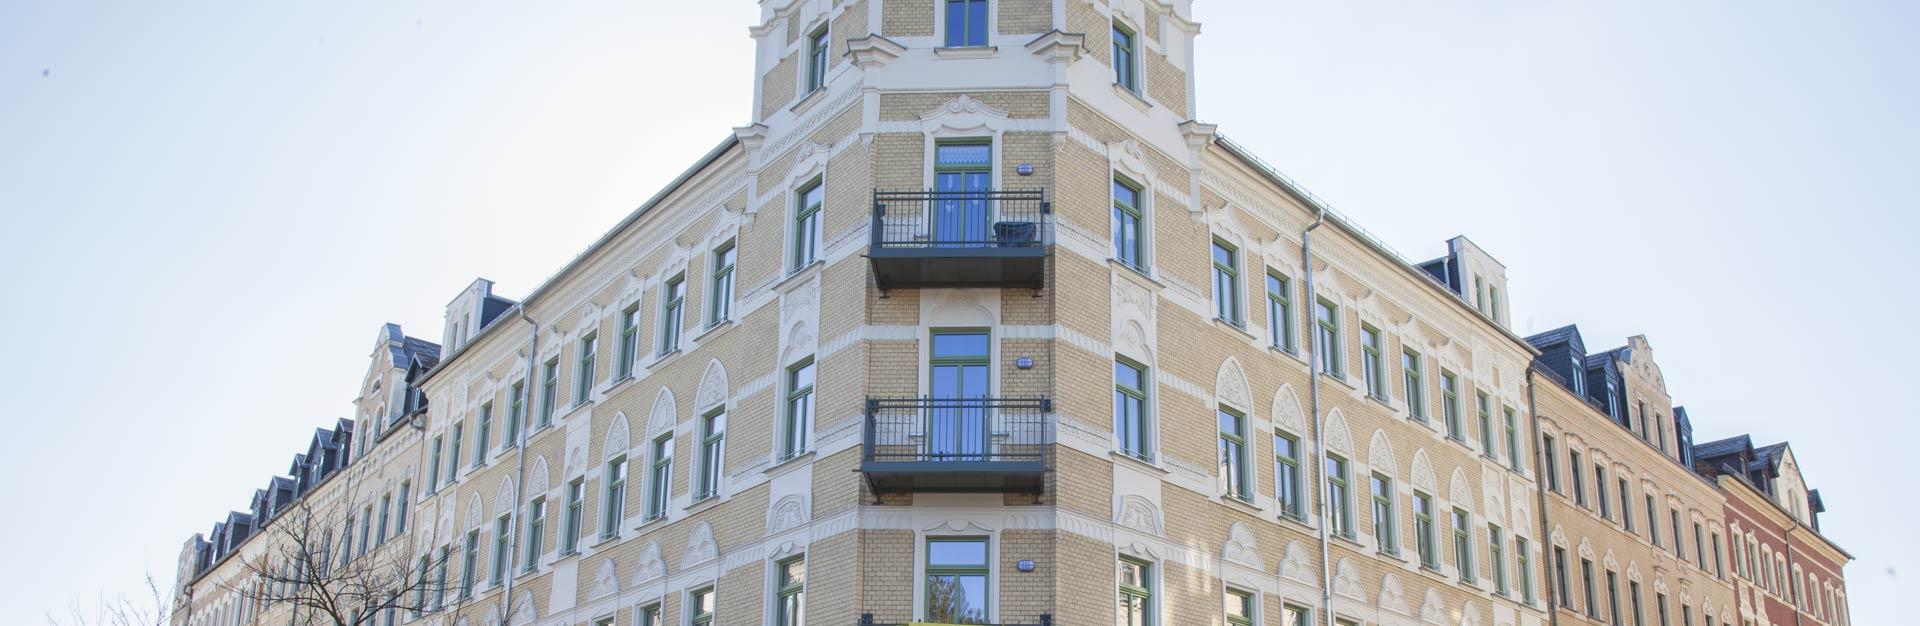 Slider-Hintergrund Dorotheenstraße